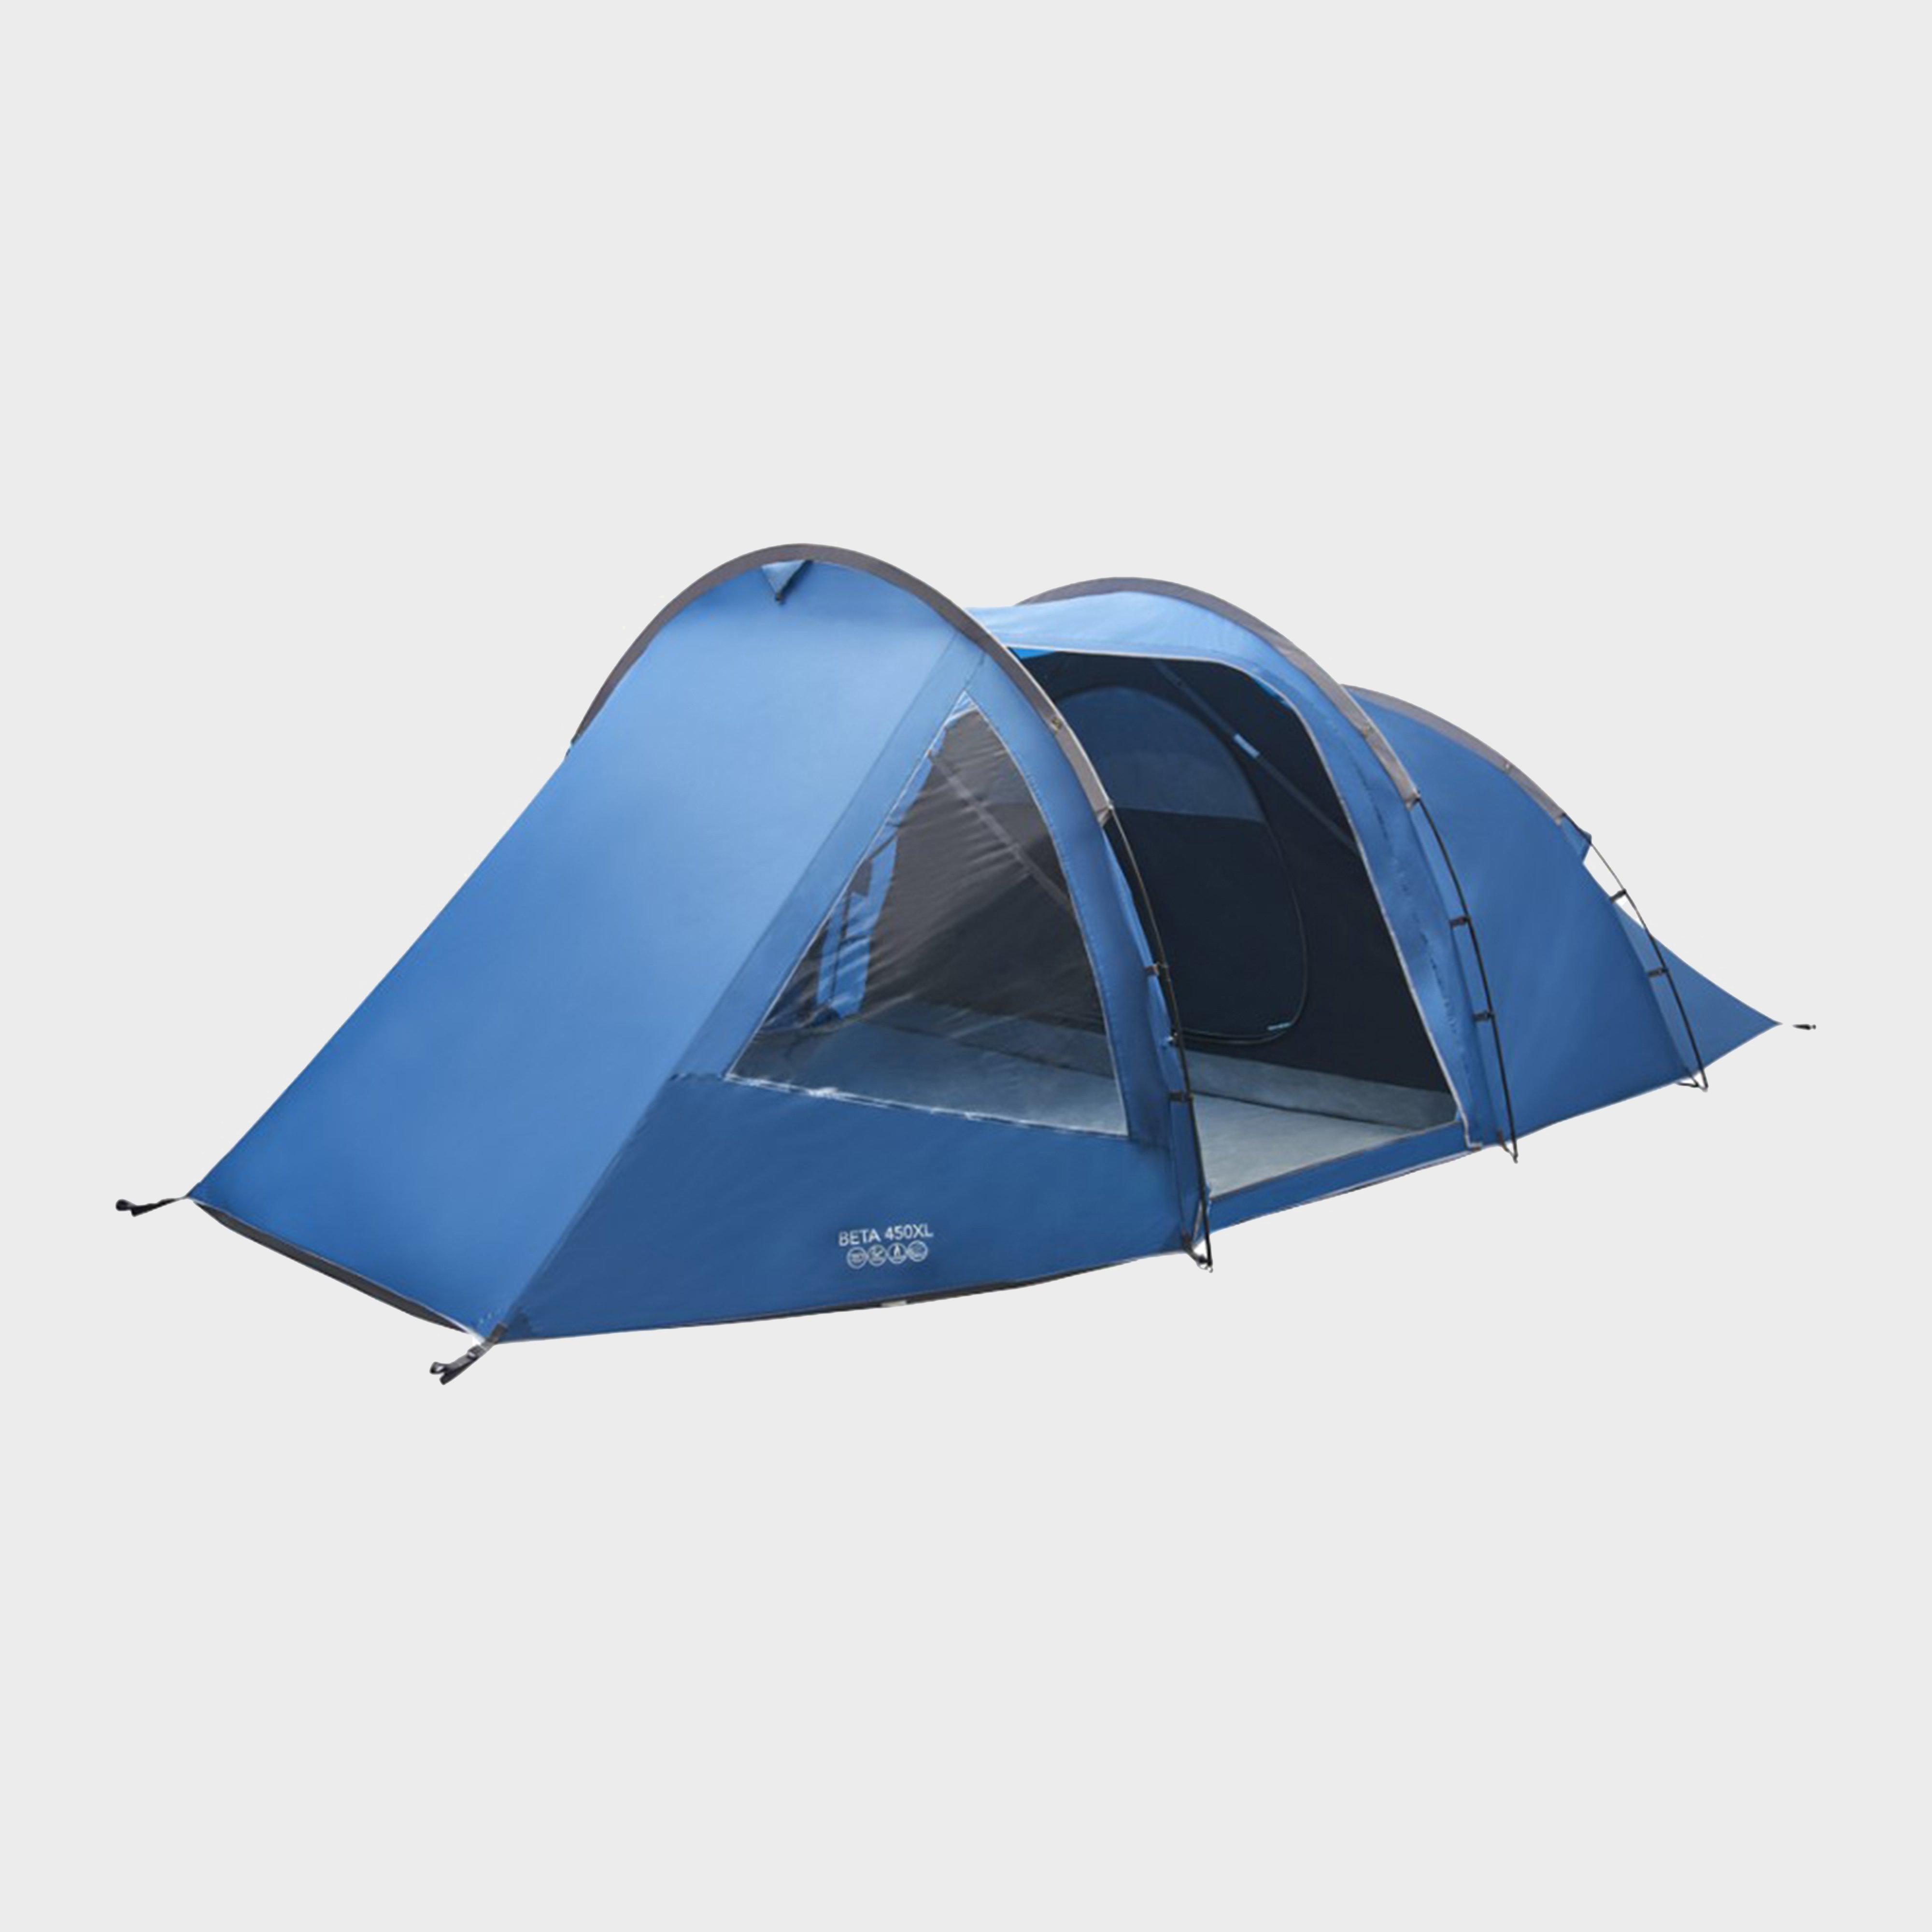 Vango Beta 450Xl Family Tent - Blue/Xl, Blue/XL